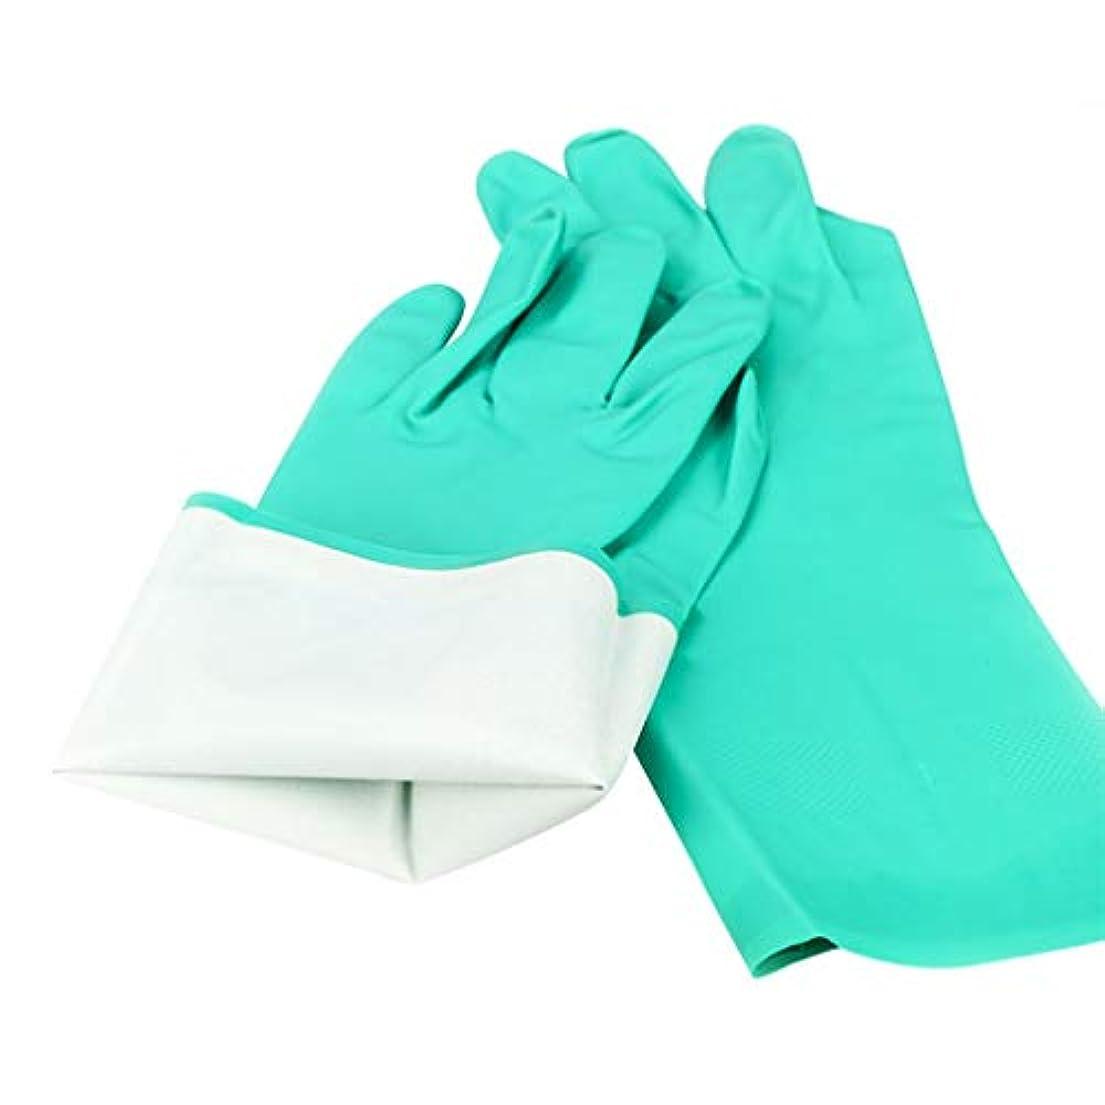 ボーカル王女フレキシブル5ペア耐油性ニトリルゴム手袋 - 耐摩耗性耐油性滑り止め安全衛生丈夫な工業用保護 YANW (色 : 緑, サイズ さいず : L l)